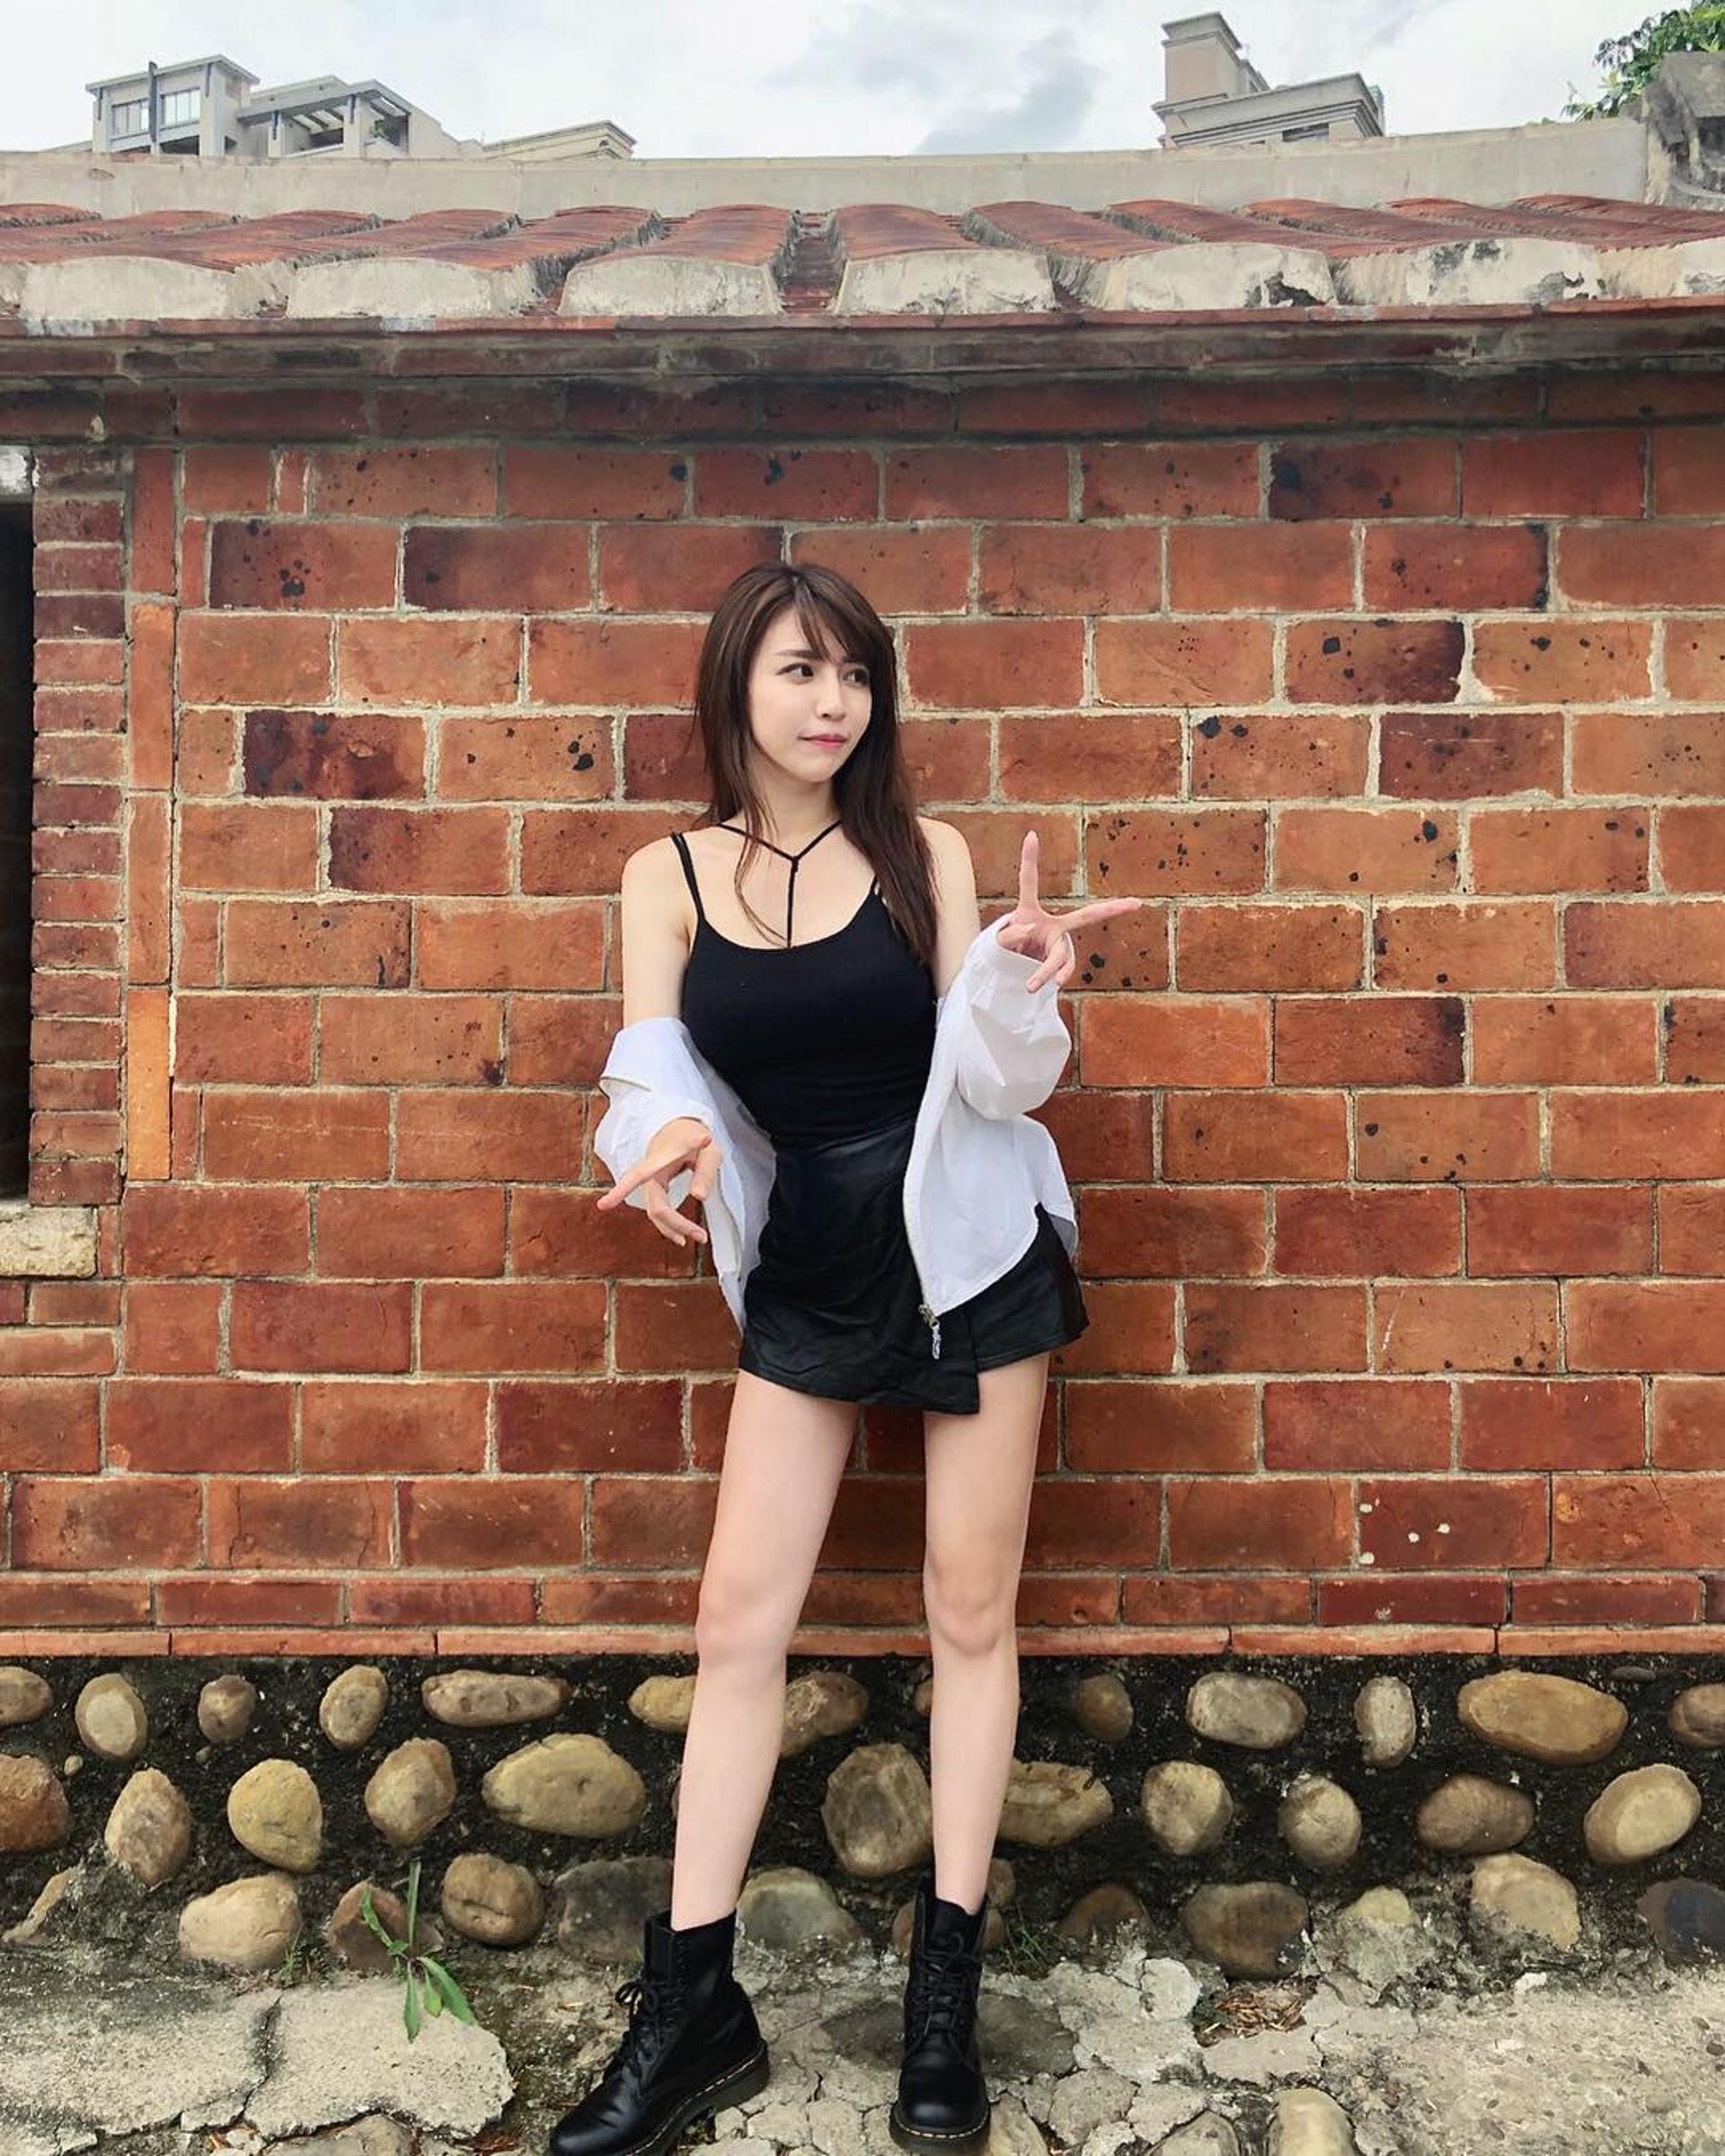 鄰家女孩。(yuan_1214 IG圖片)